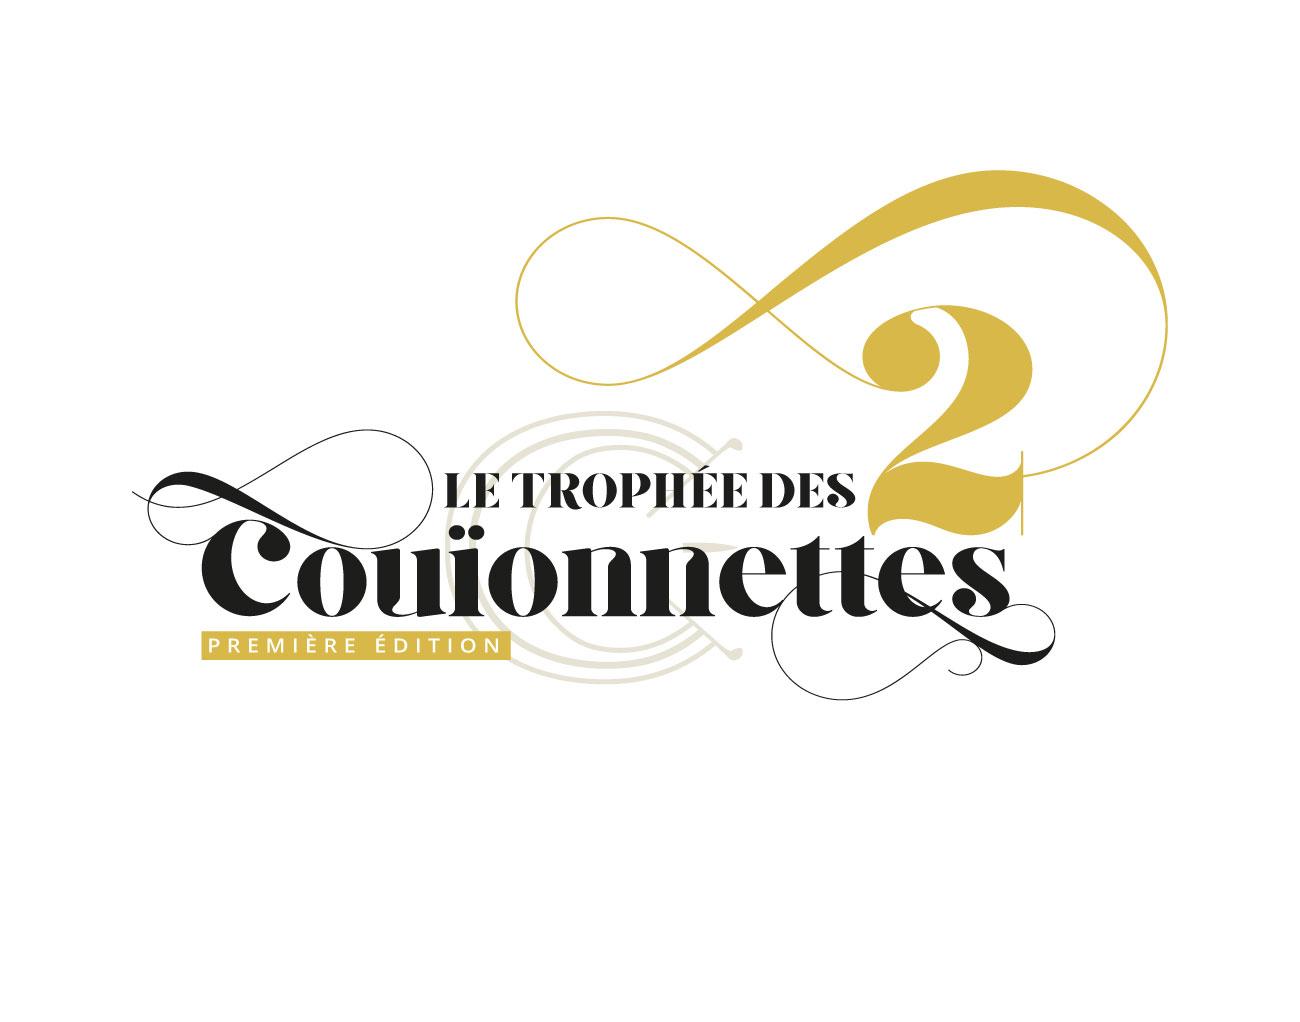 Aïtana Design, Caroline Viollier, graphisme, direction artistique, création graphique, design graphique, branding, Biarritz, Paris, studio de création, luxe, haut de gamme, golf, couteau